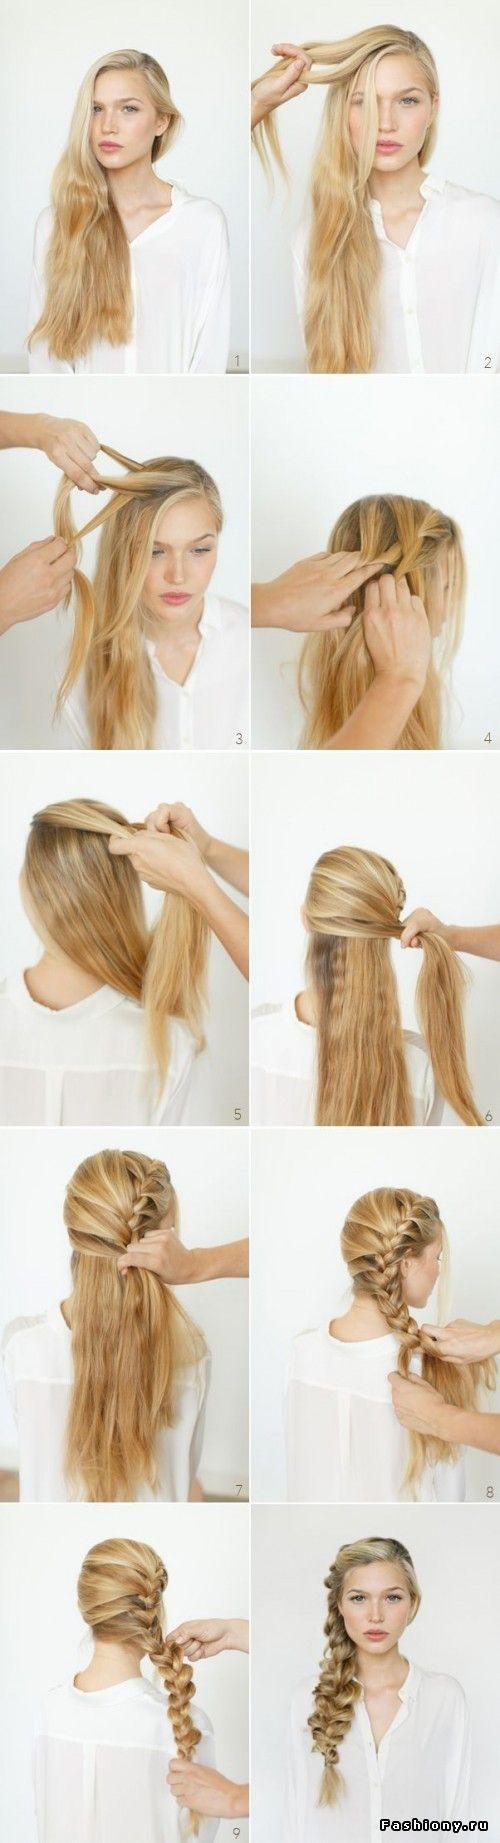 Коса и ее вариации